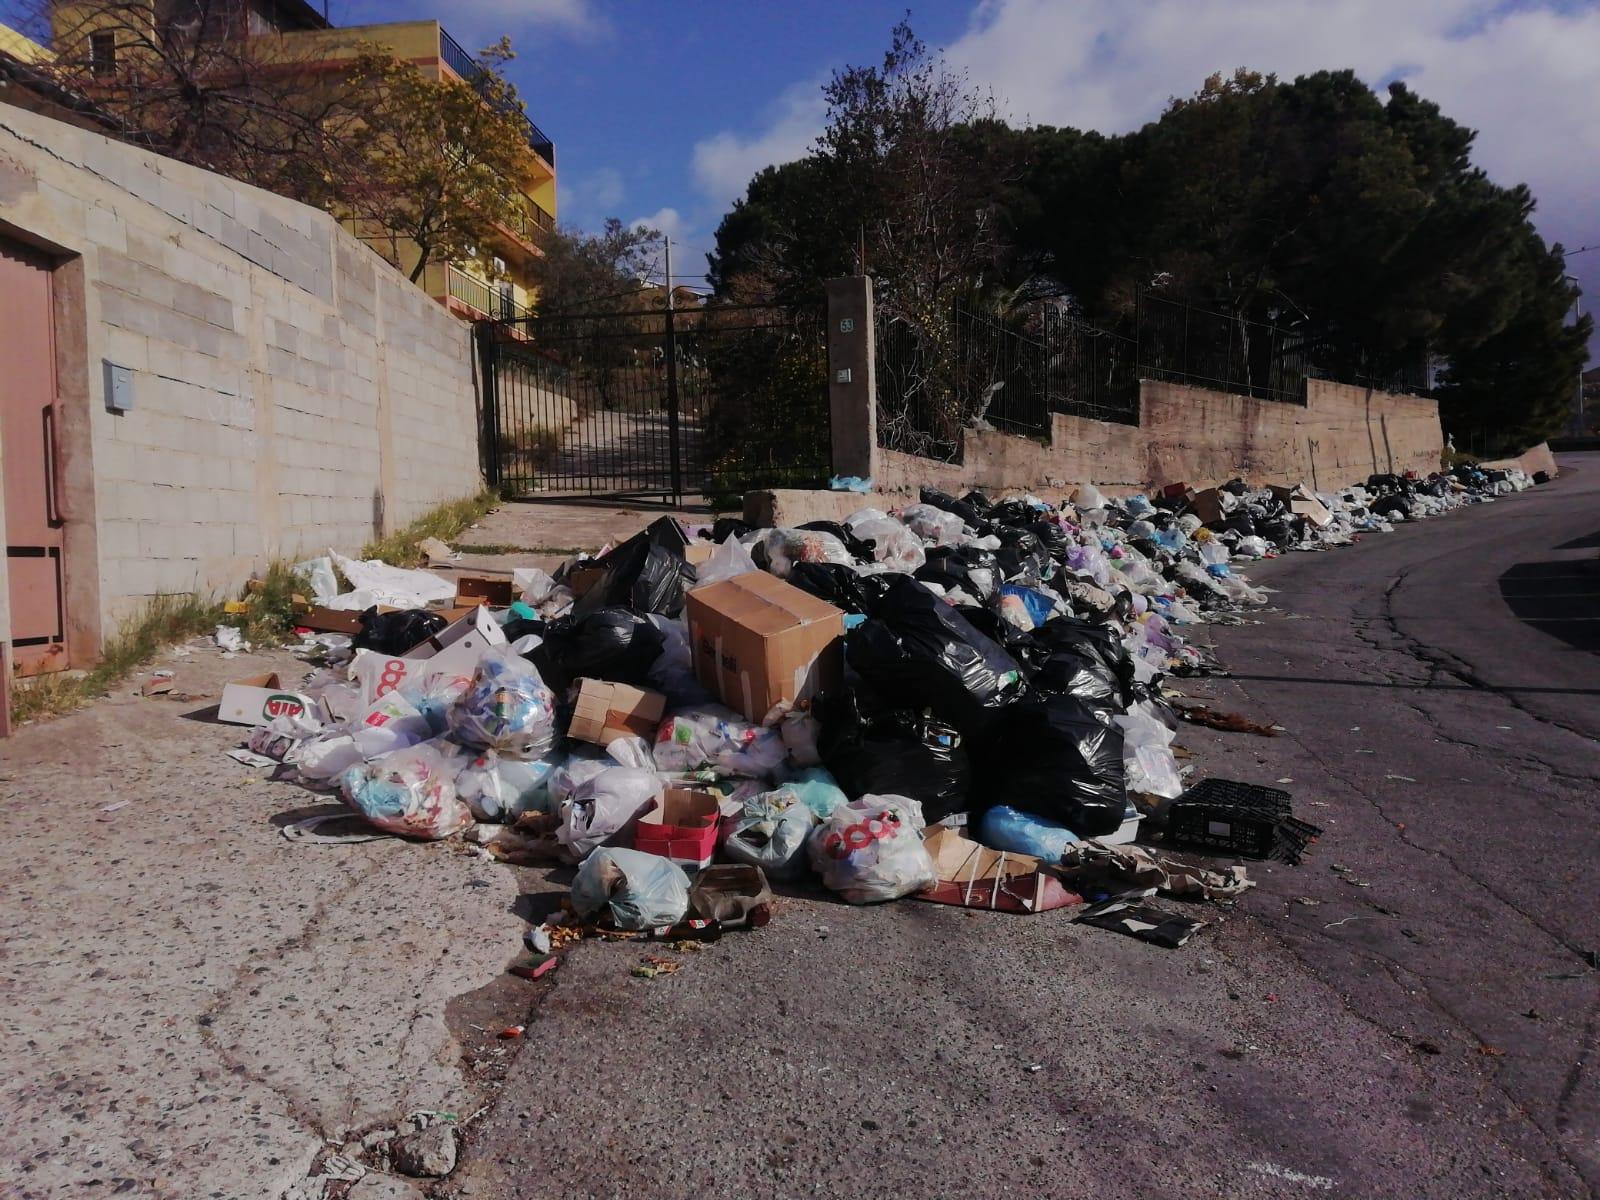 Diritto alla casa a Reggio, uscire dall'emergenza e programmare dignità